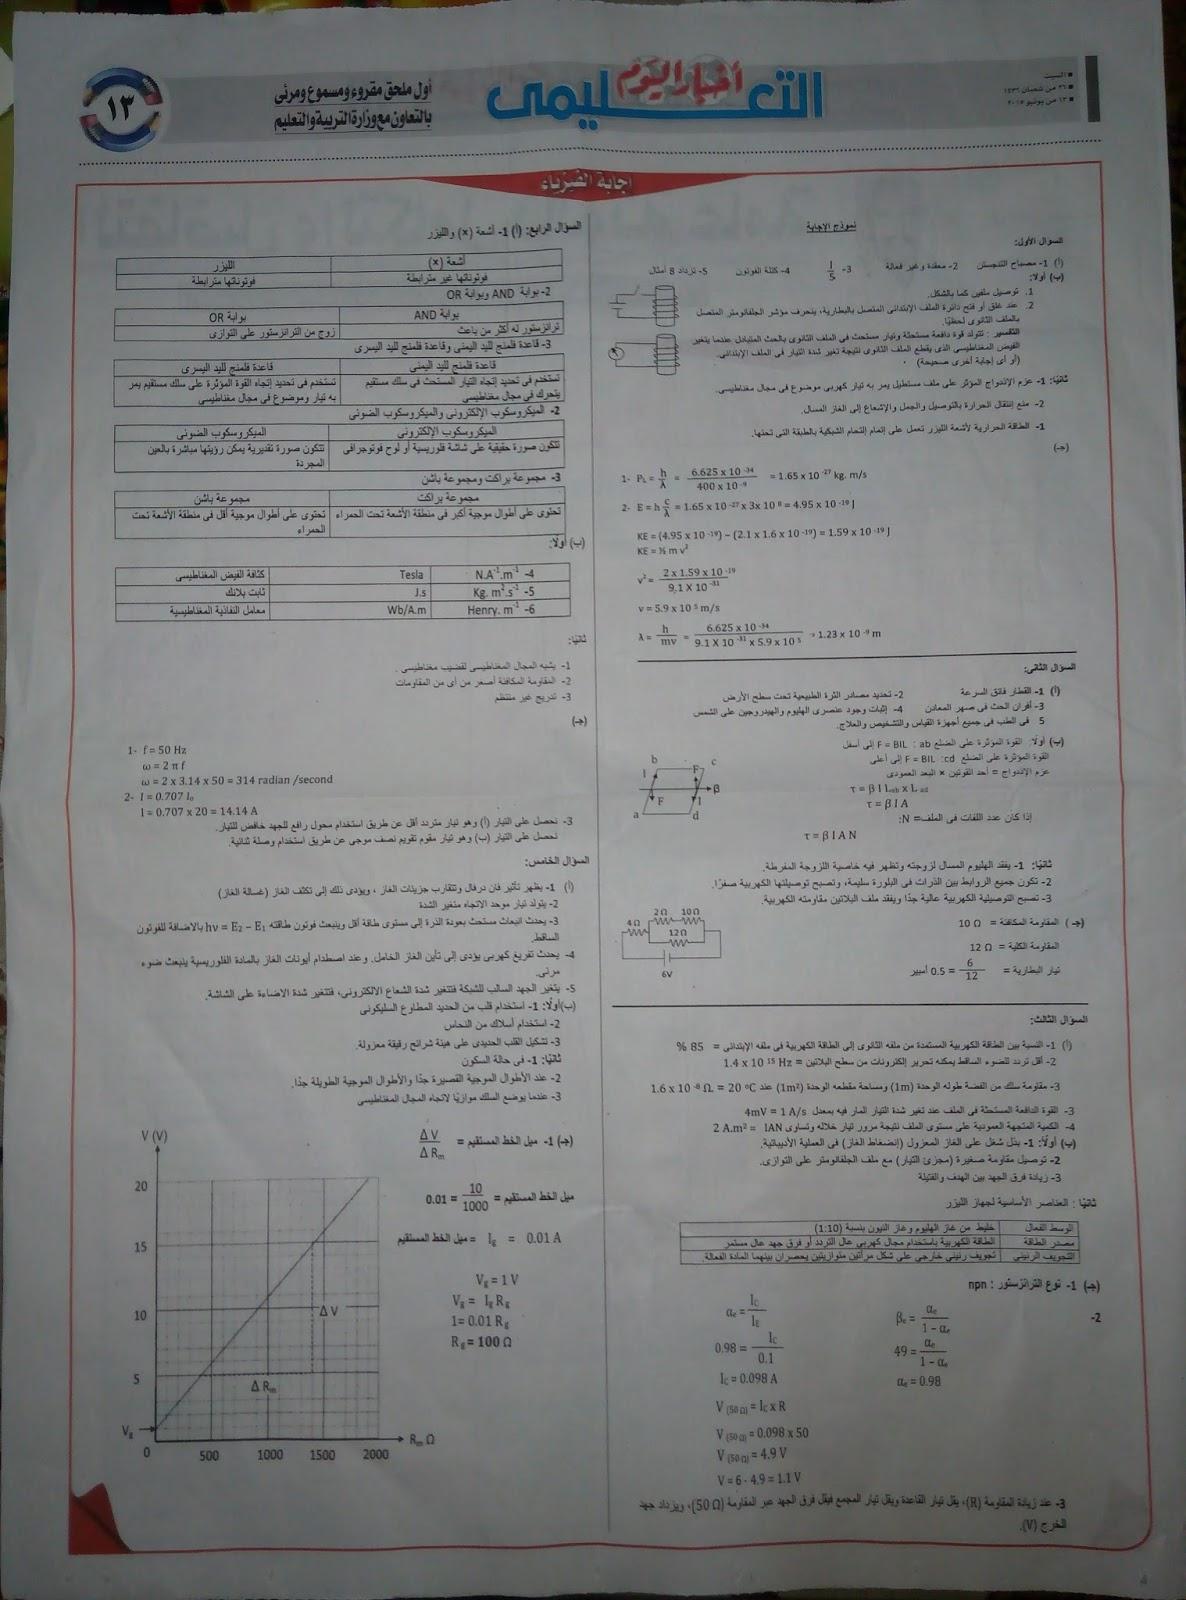 امتحان فيزياء متوقع بالاجابة النموذجية W-9cd2cc6622